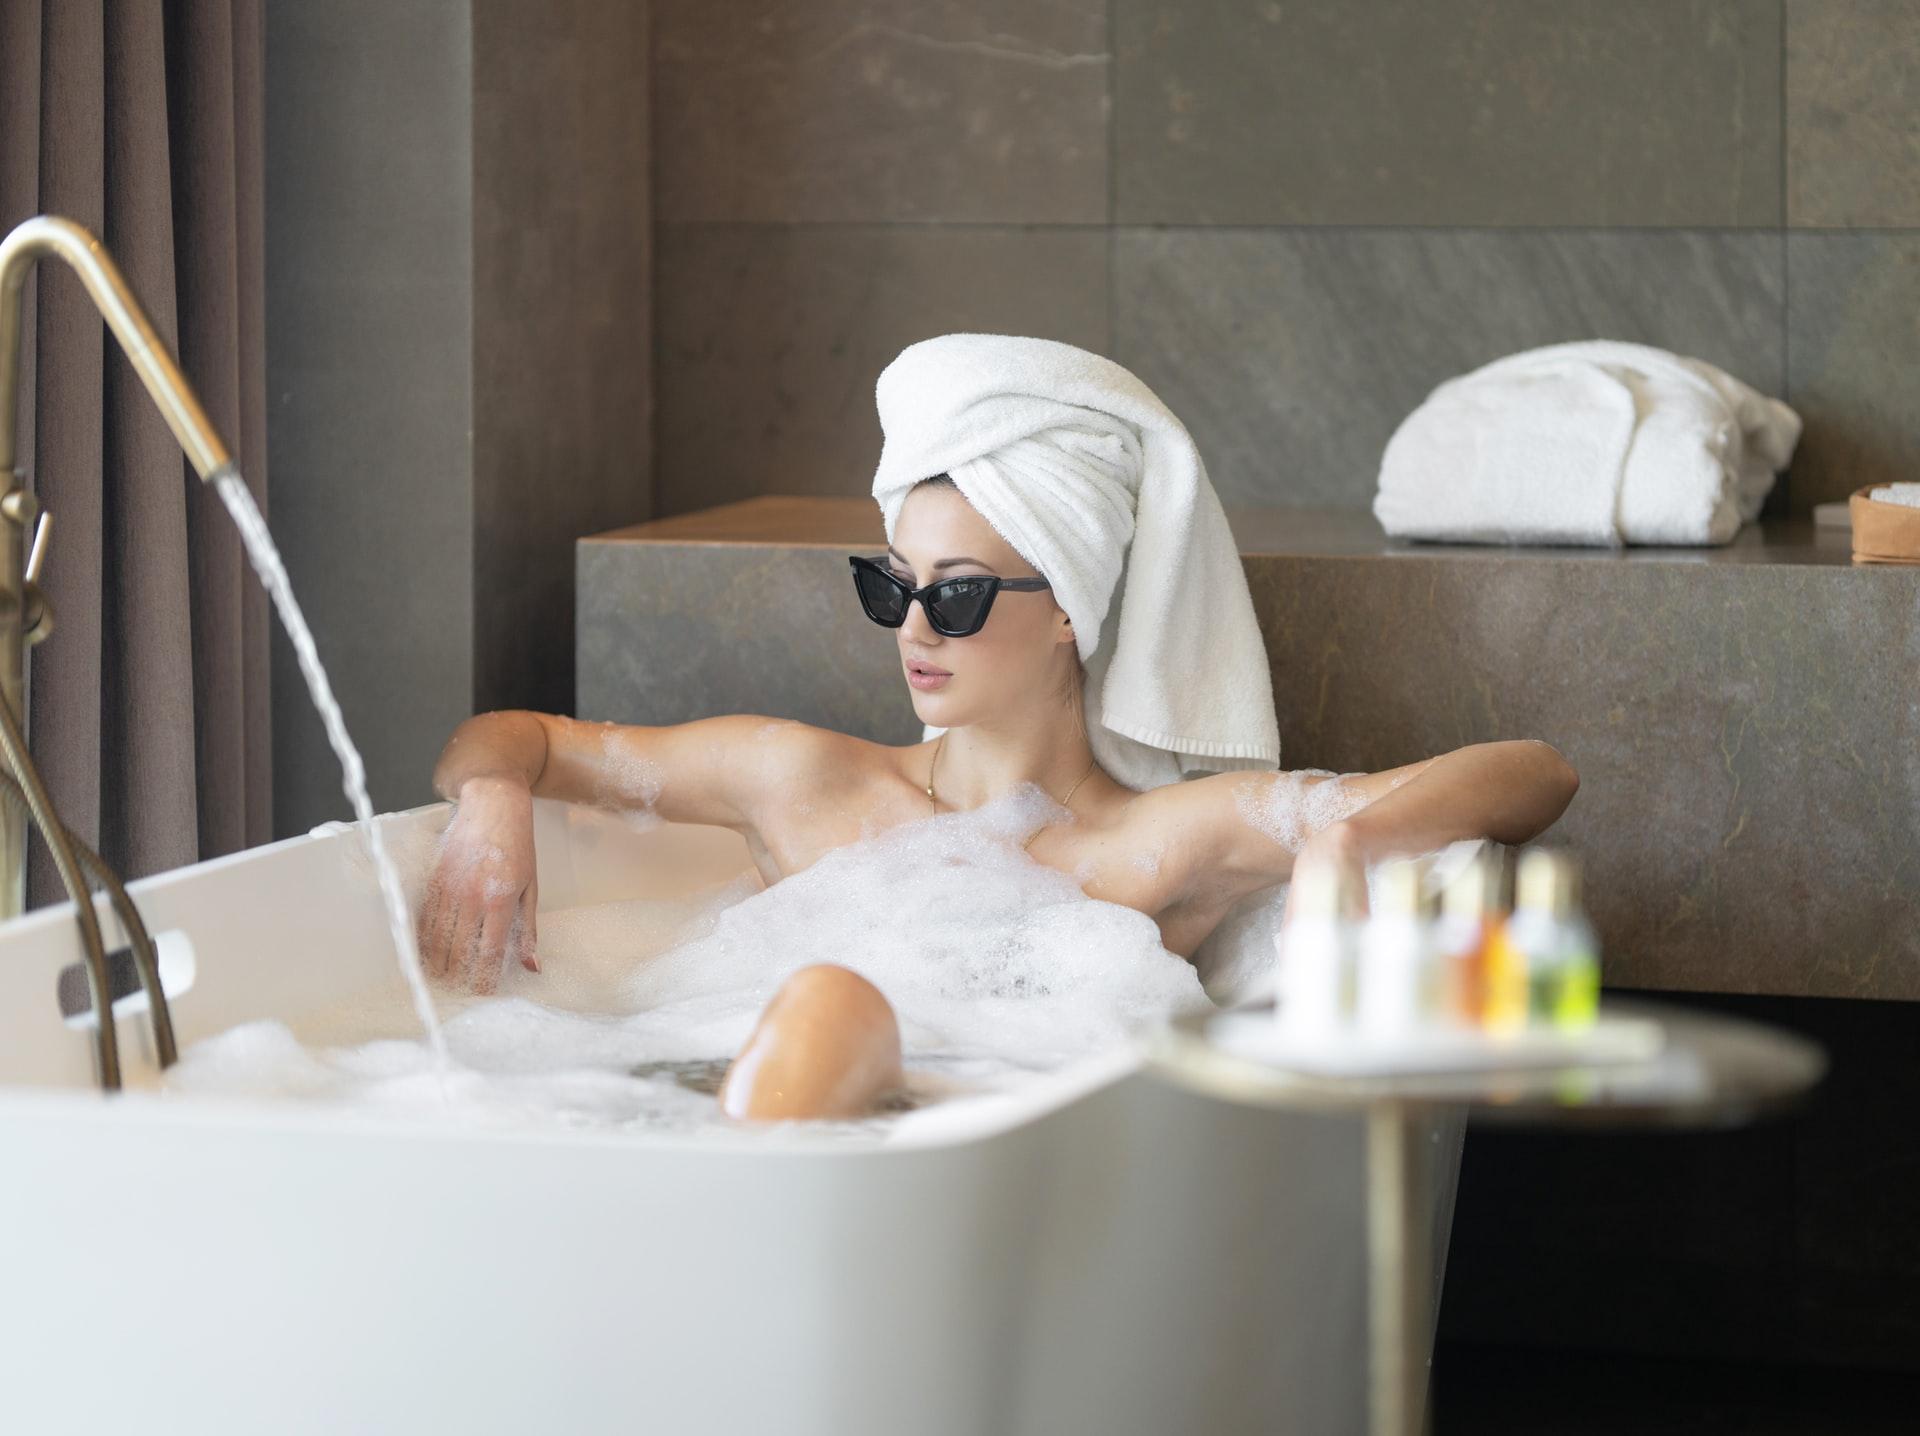 woman enjoying bath